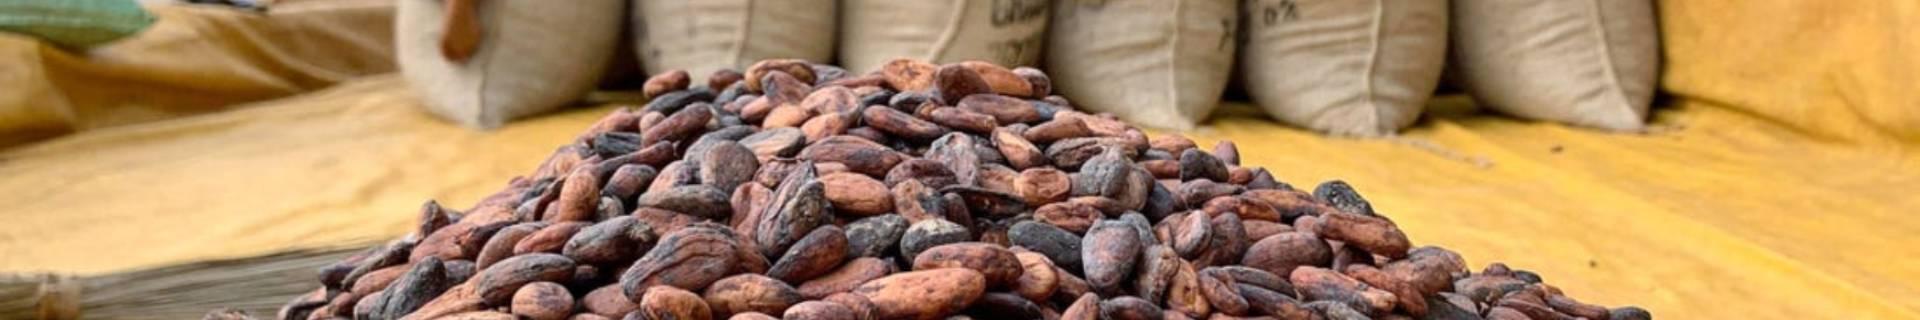 Selection of sustainable fair trade cocoas - ECOLECTIA